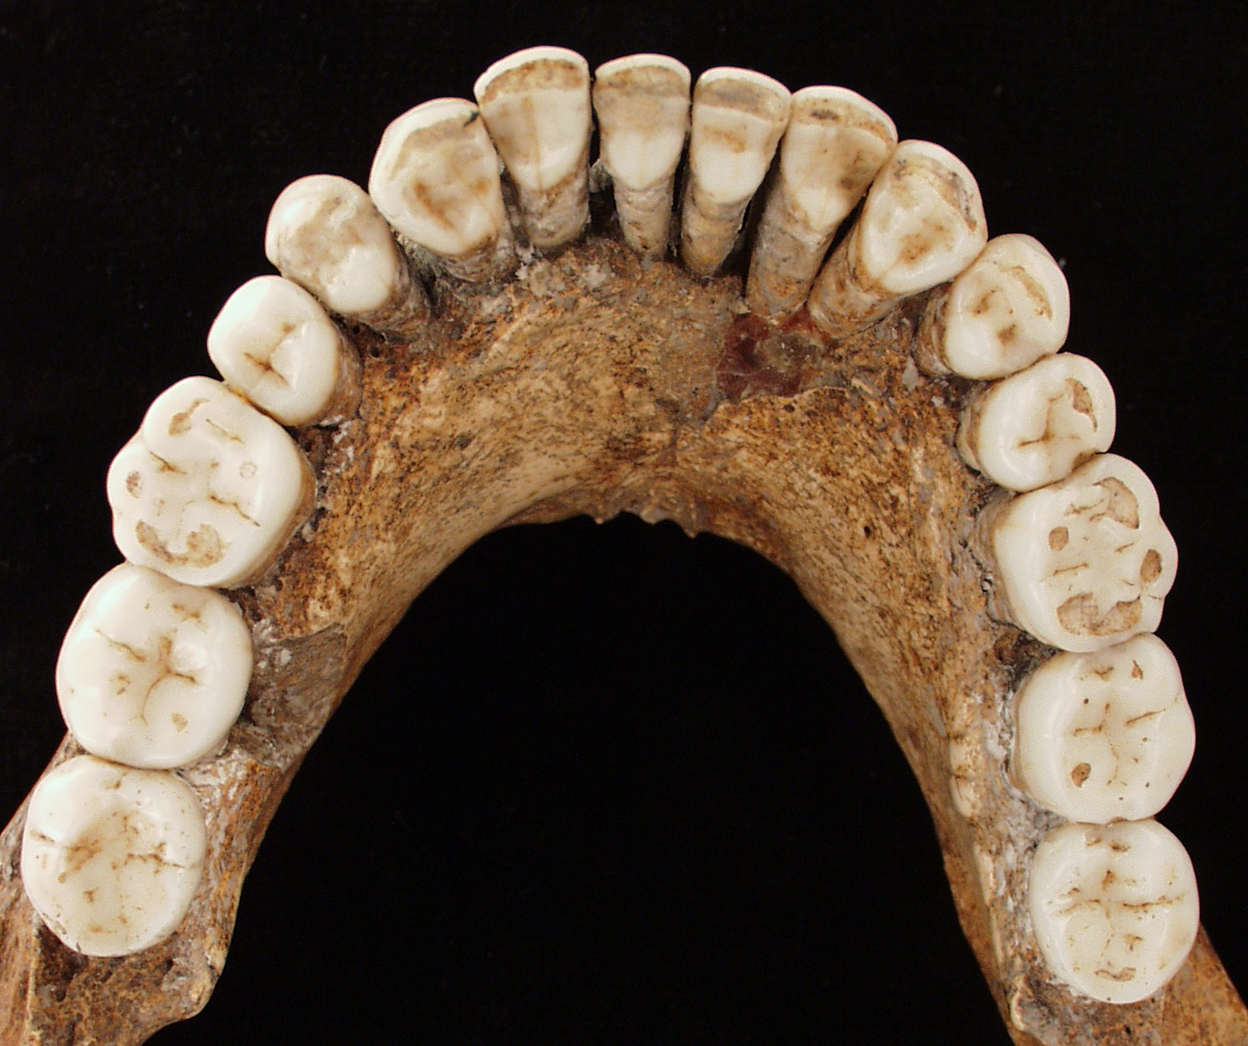 perierga.gr - Ήταν οι Νεάντερταλ οι πρώτοι οδοντίατροι της ανθρωπότητας;